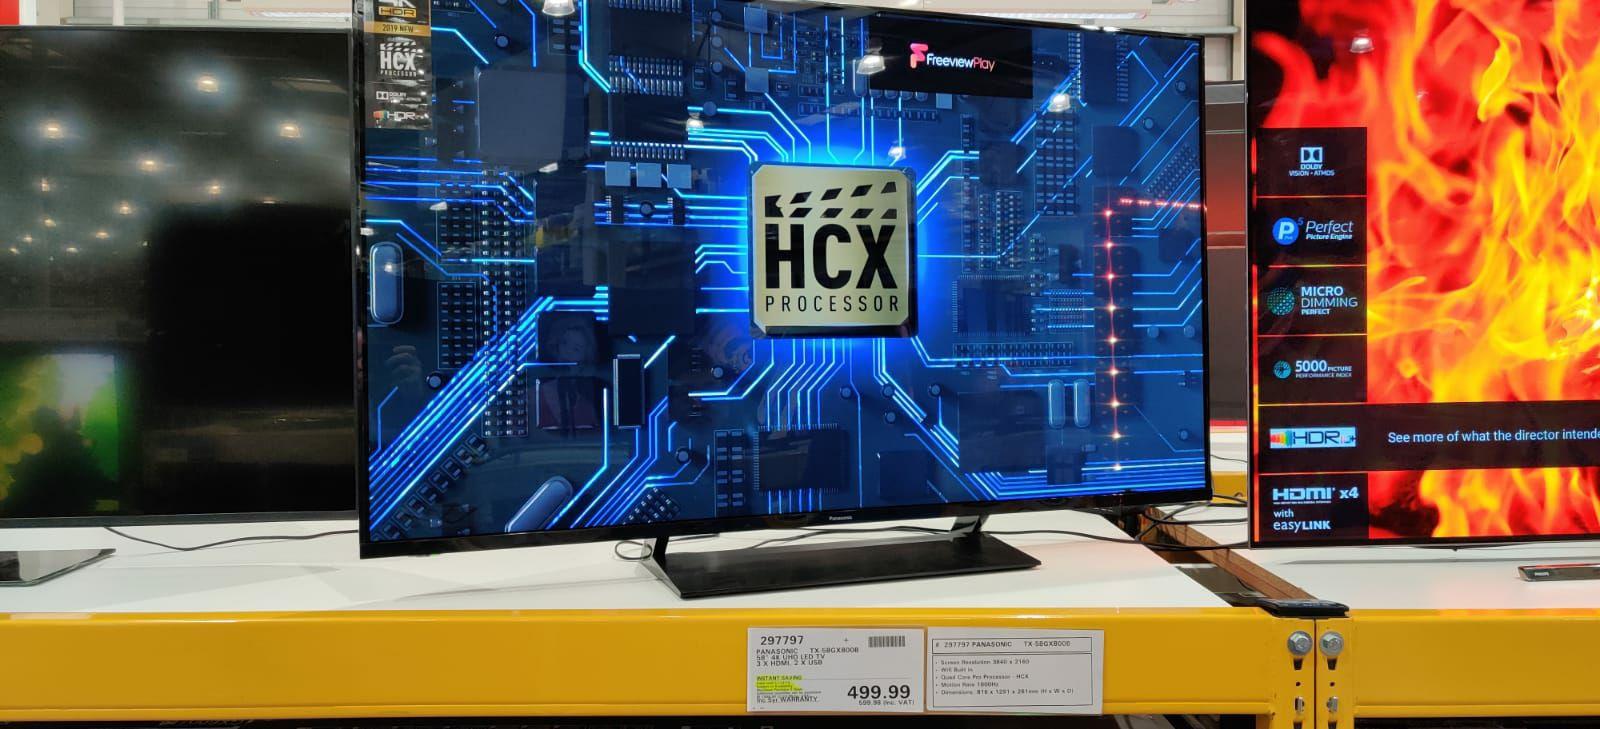 Panasonic TX-58GX800B £599.98 @ Costco Cardiff